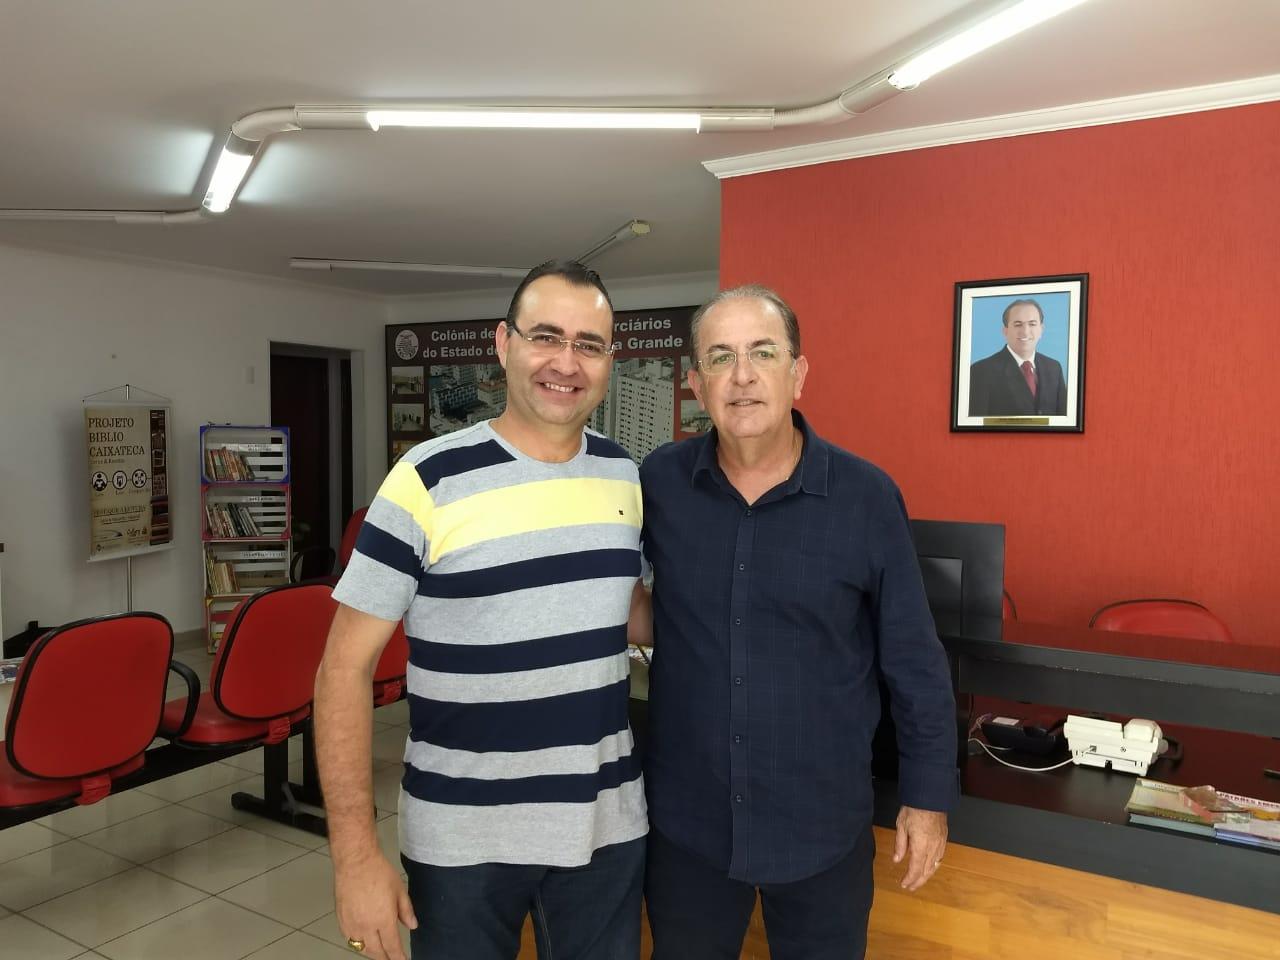 3349a7b415 Deputado eleito, Luiz Carlos Motta visita Sincomerciários Avaré ...